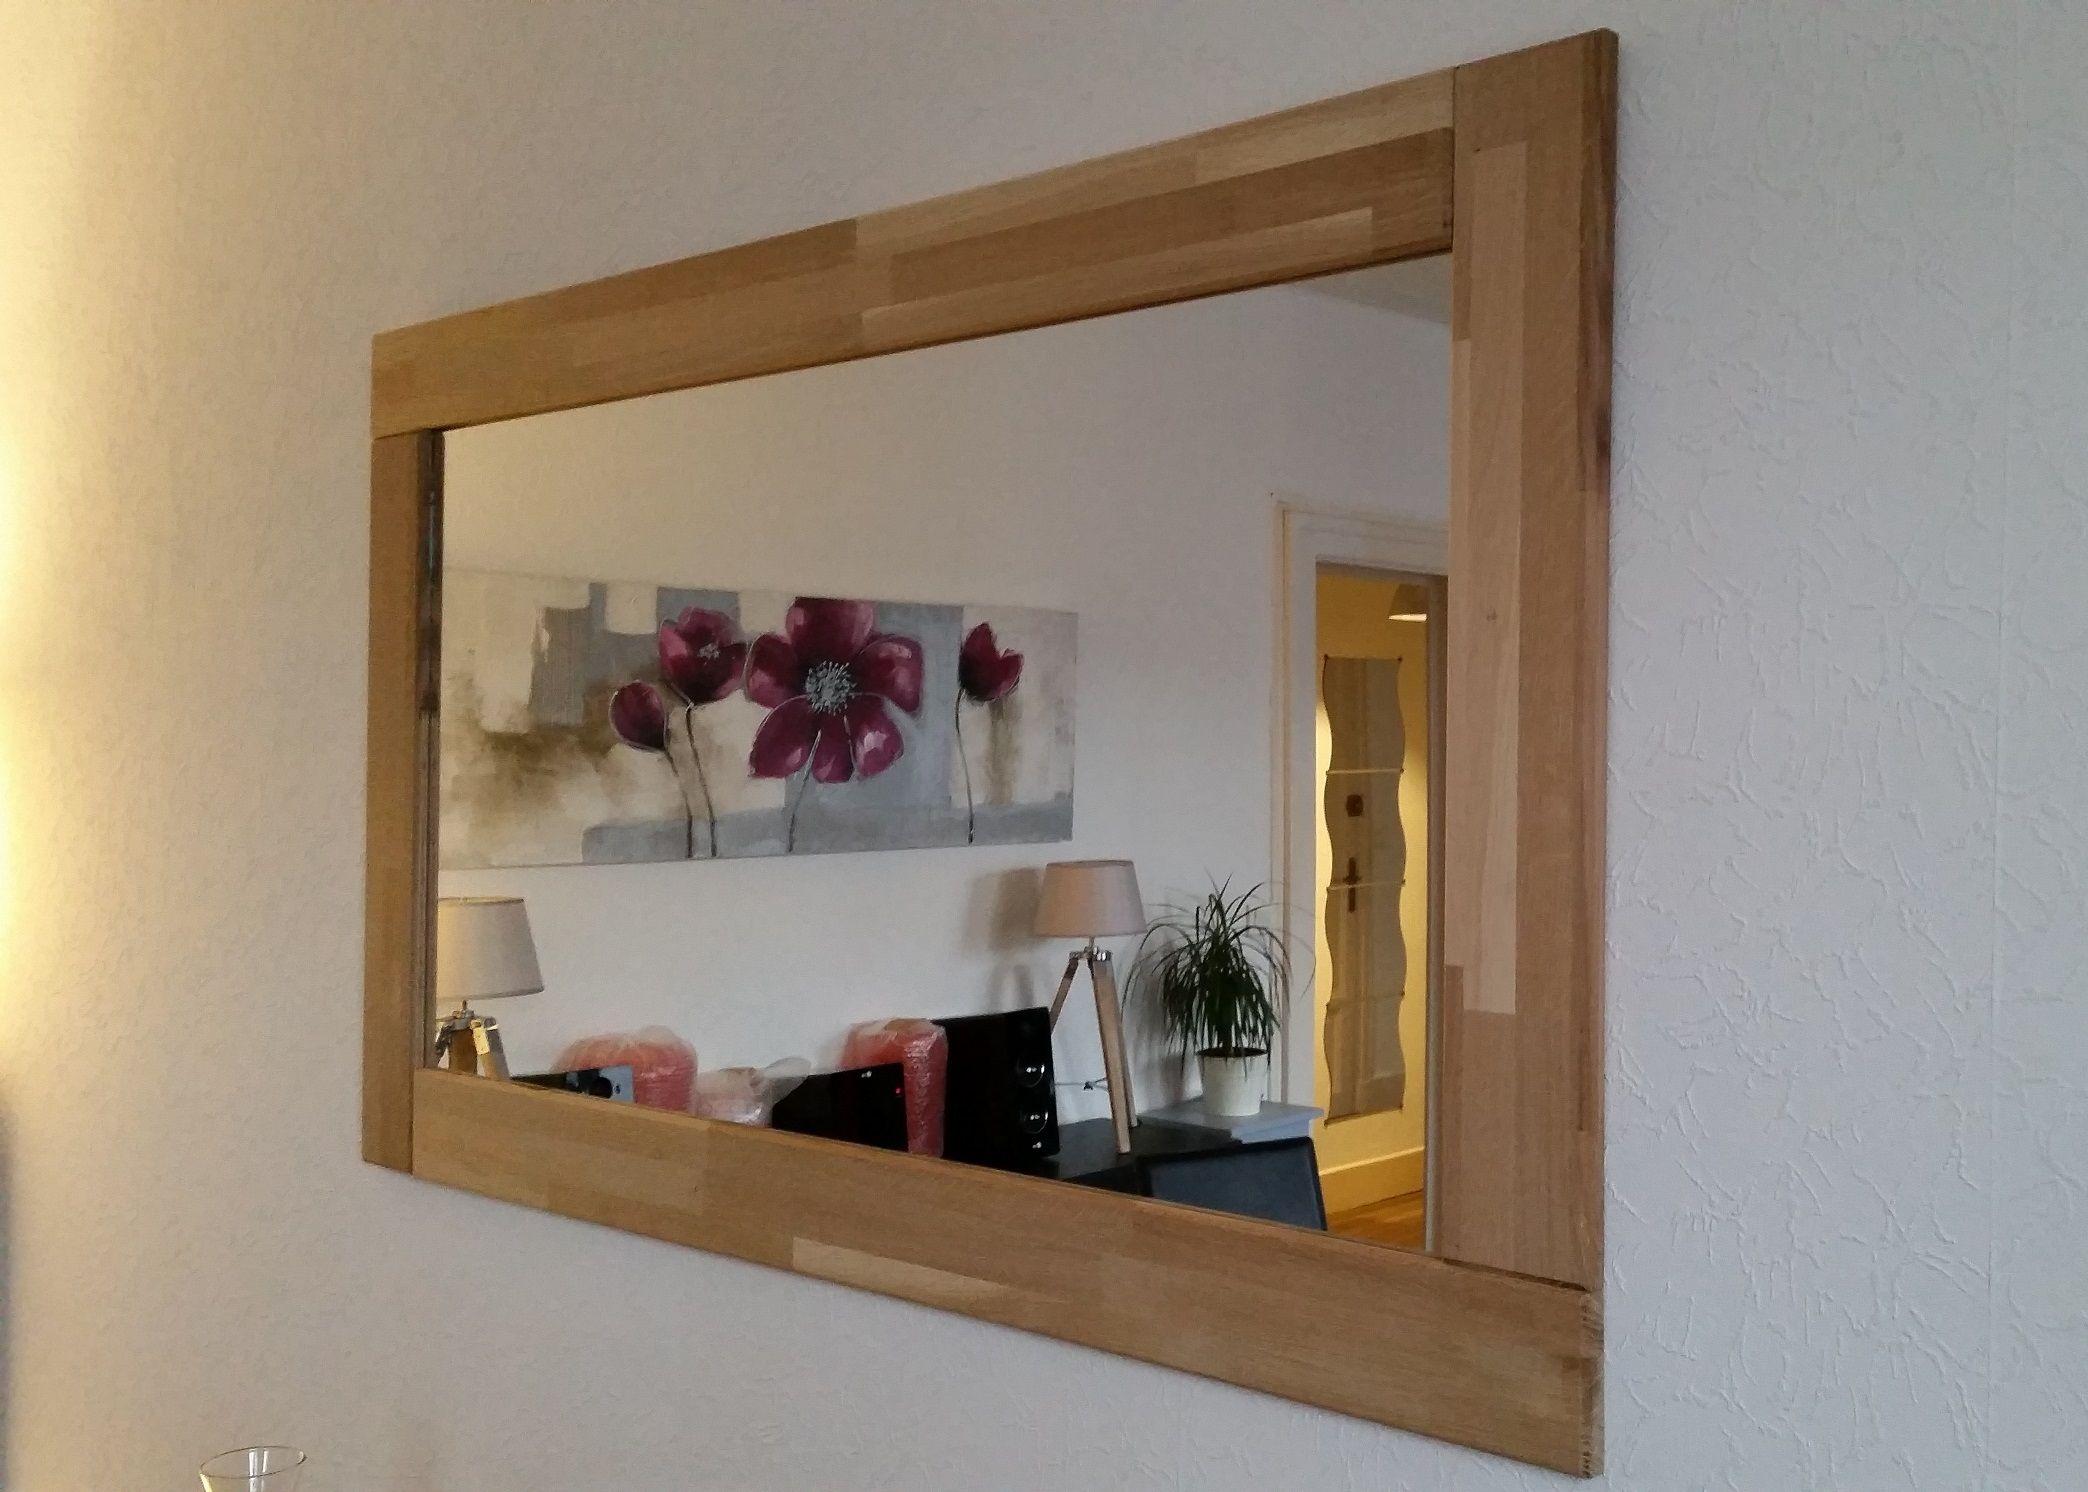 Fabrication D Un Cadre De Miroir En Ch Ne Projets Essayer  # Fabriquer Des Meubles Mdf